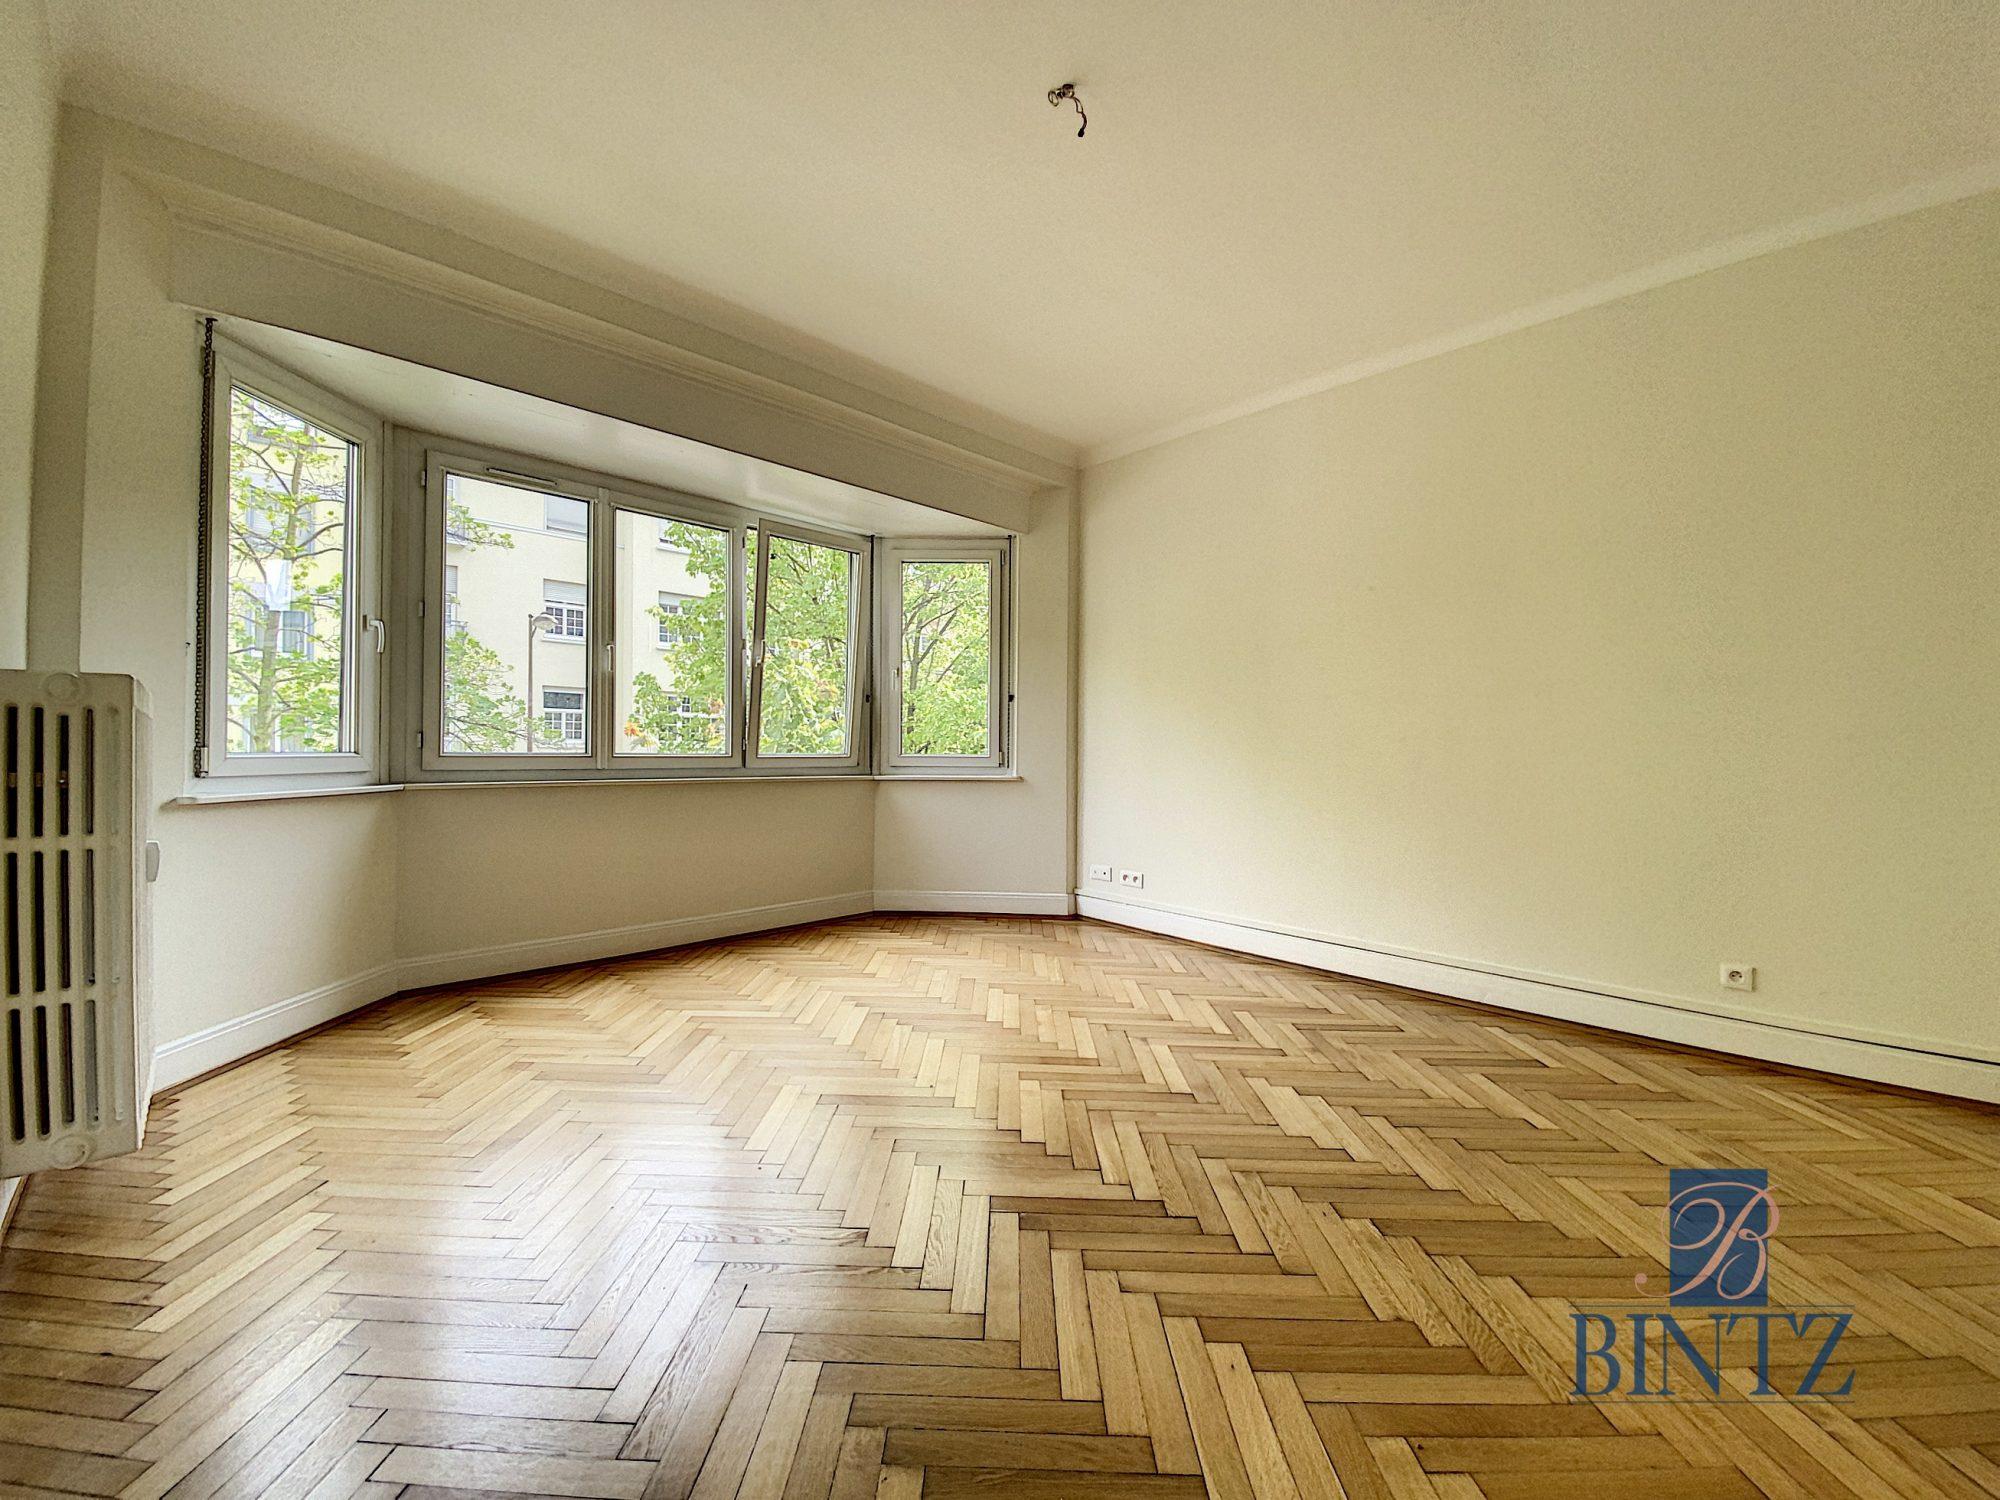 DEUX PIECES RENOVE ORANGERIE - Devenez locataire en toute sérénité - Bintz Immobilier - 8